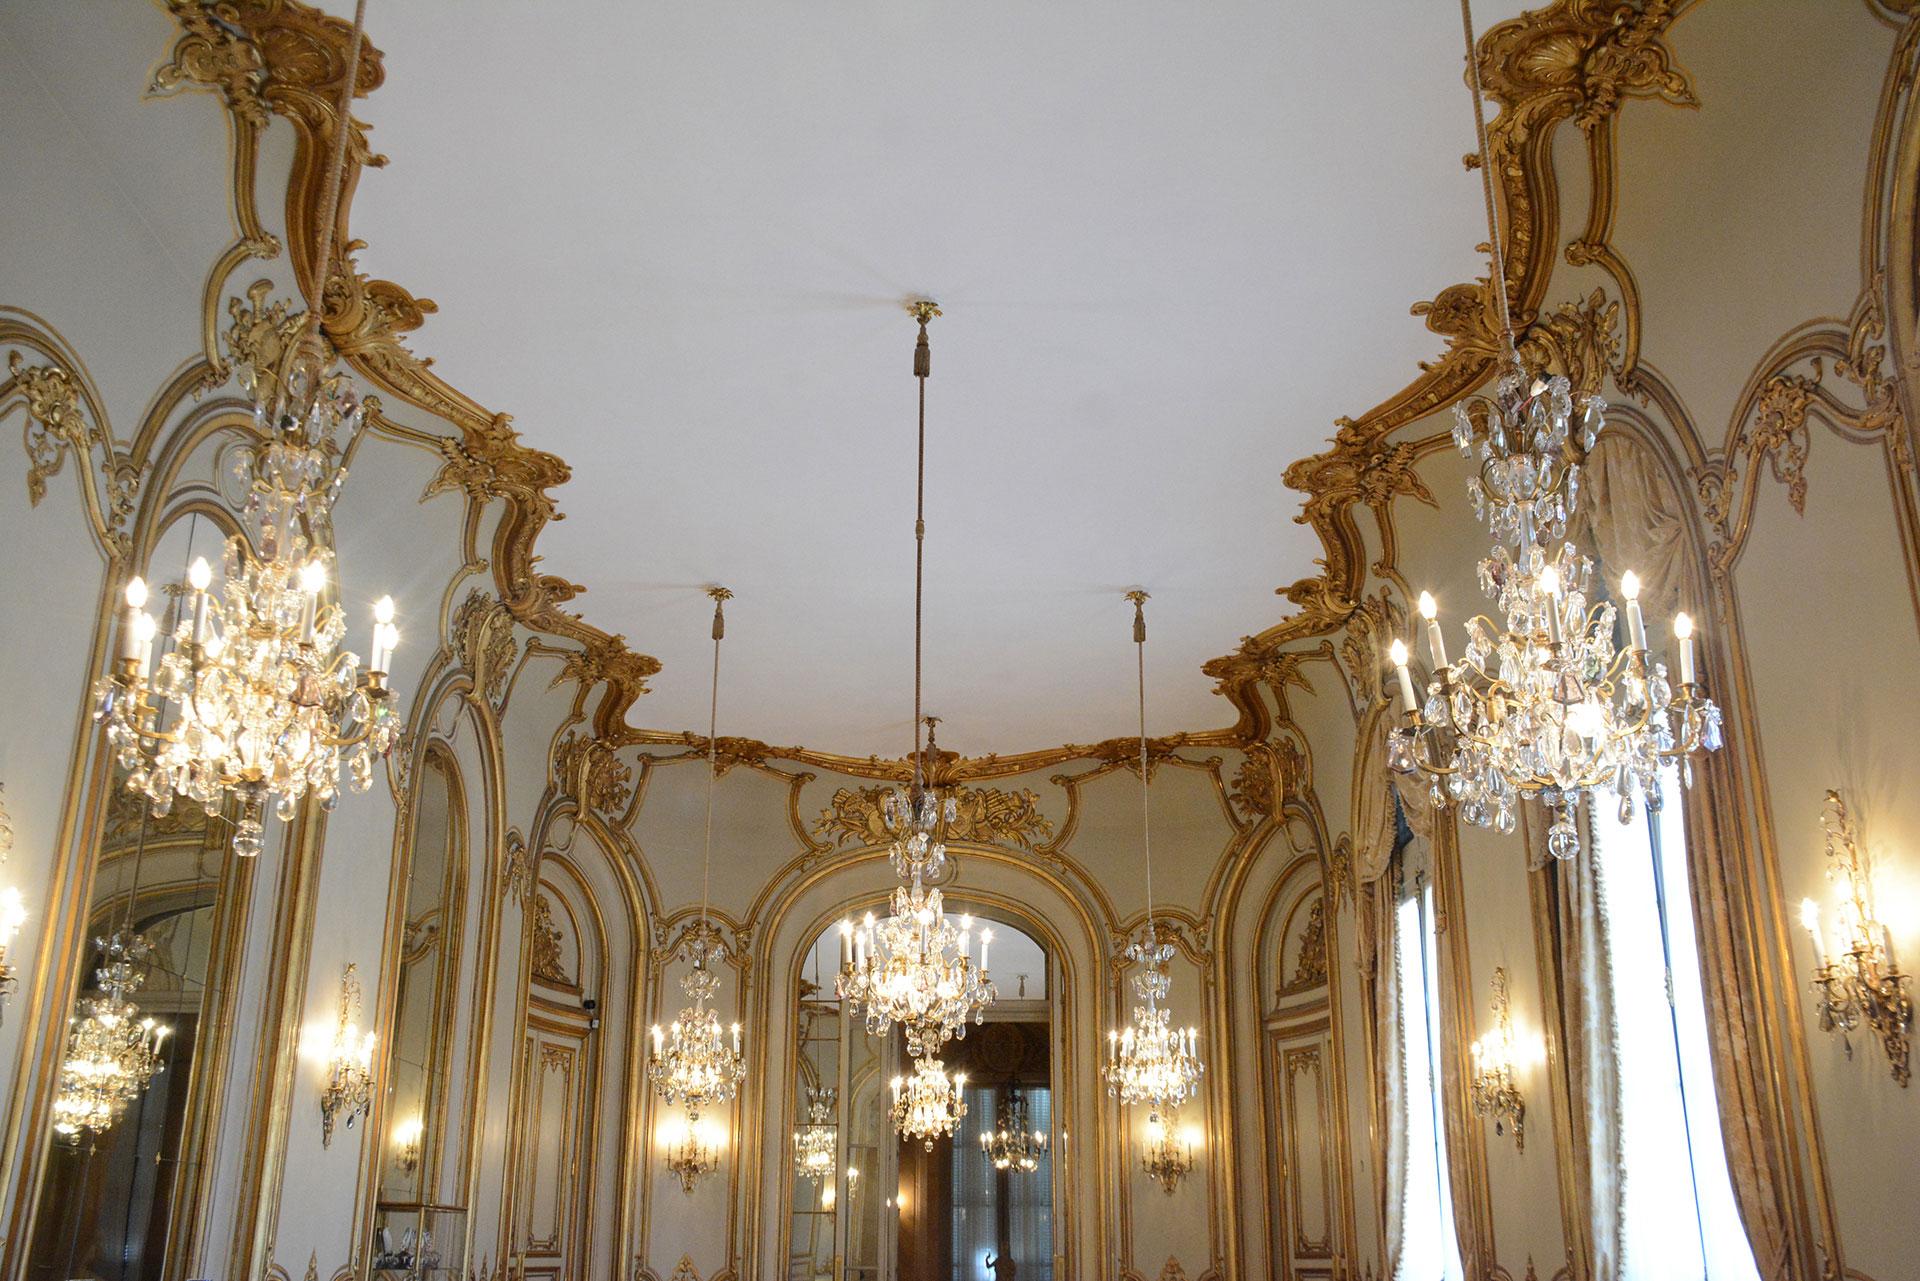 El Museo Nacional de Arte Decorativo fue creado en 1937 en la residencia Errázuriz-Alvear